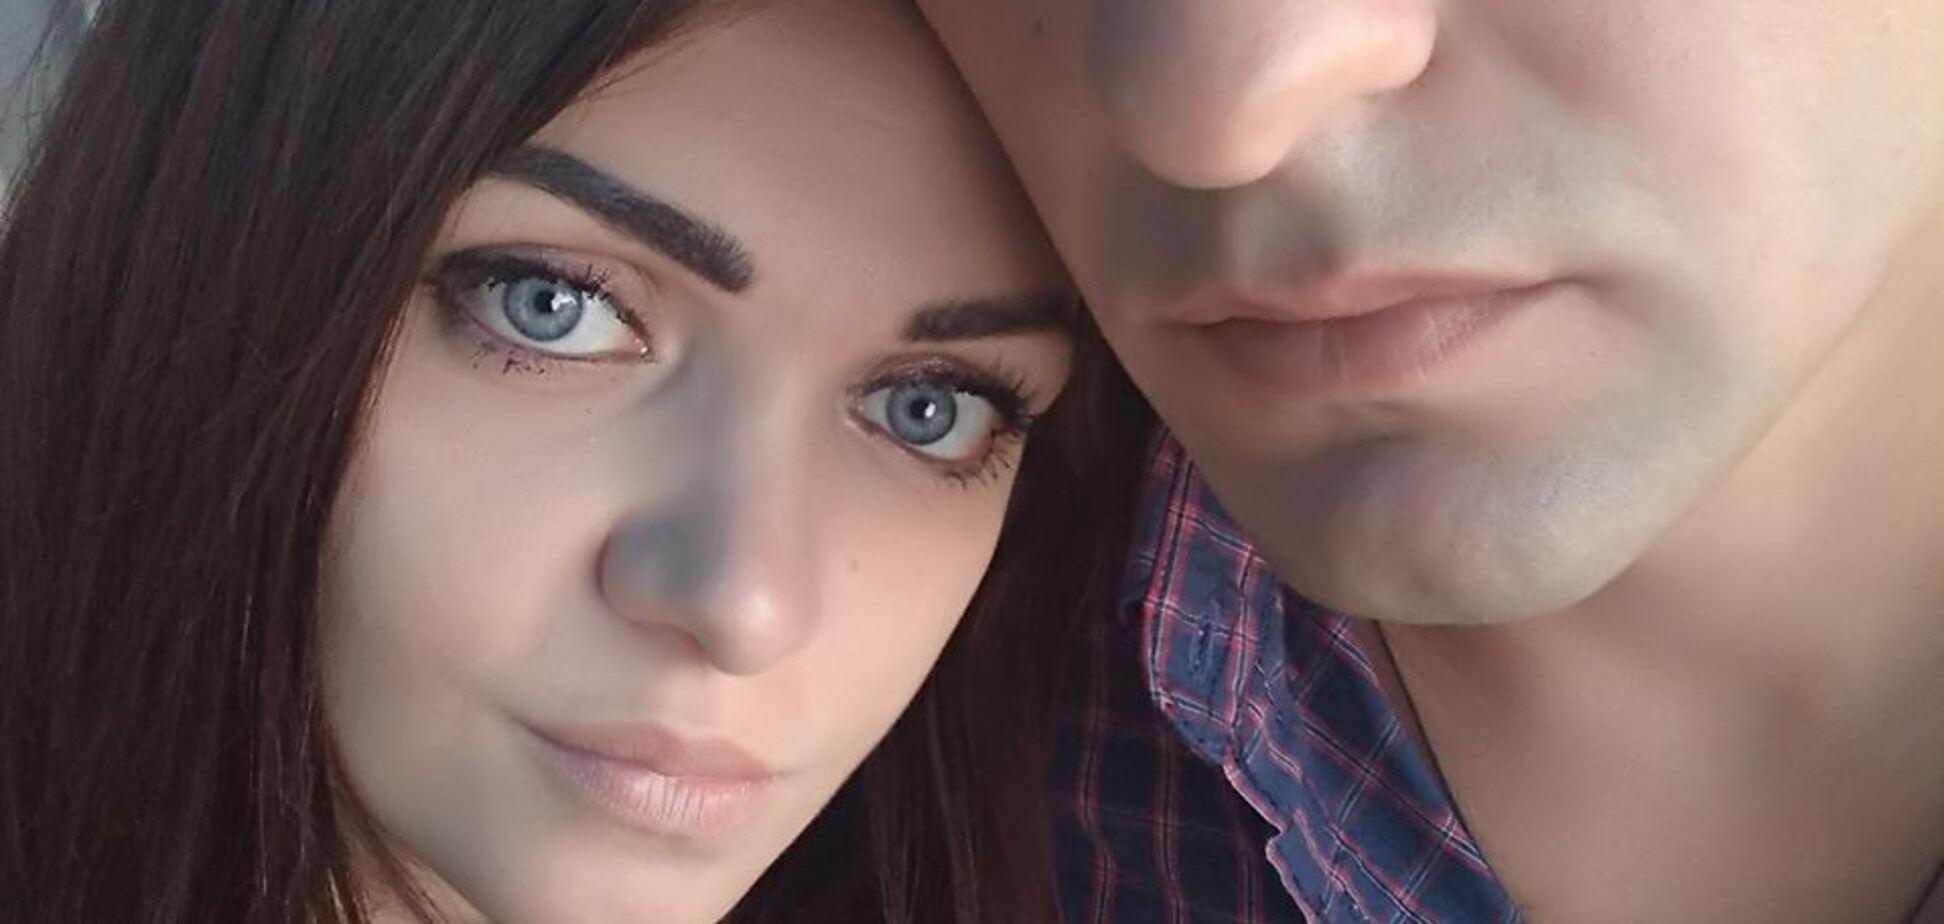 'Убивали сестру, когда я ей звонила': подробности жуткой семейной драмы под Житомиром